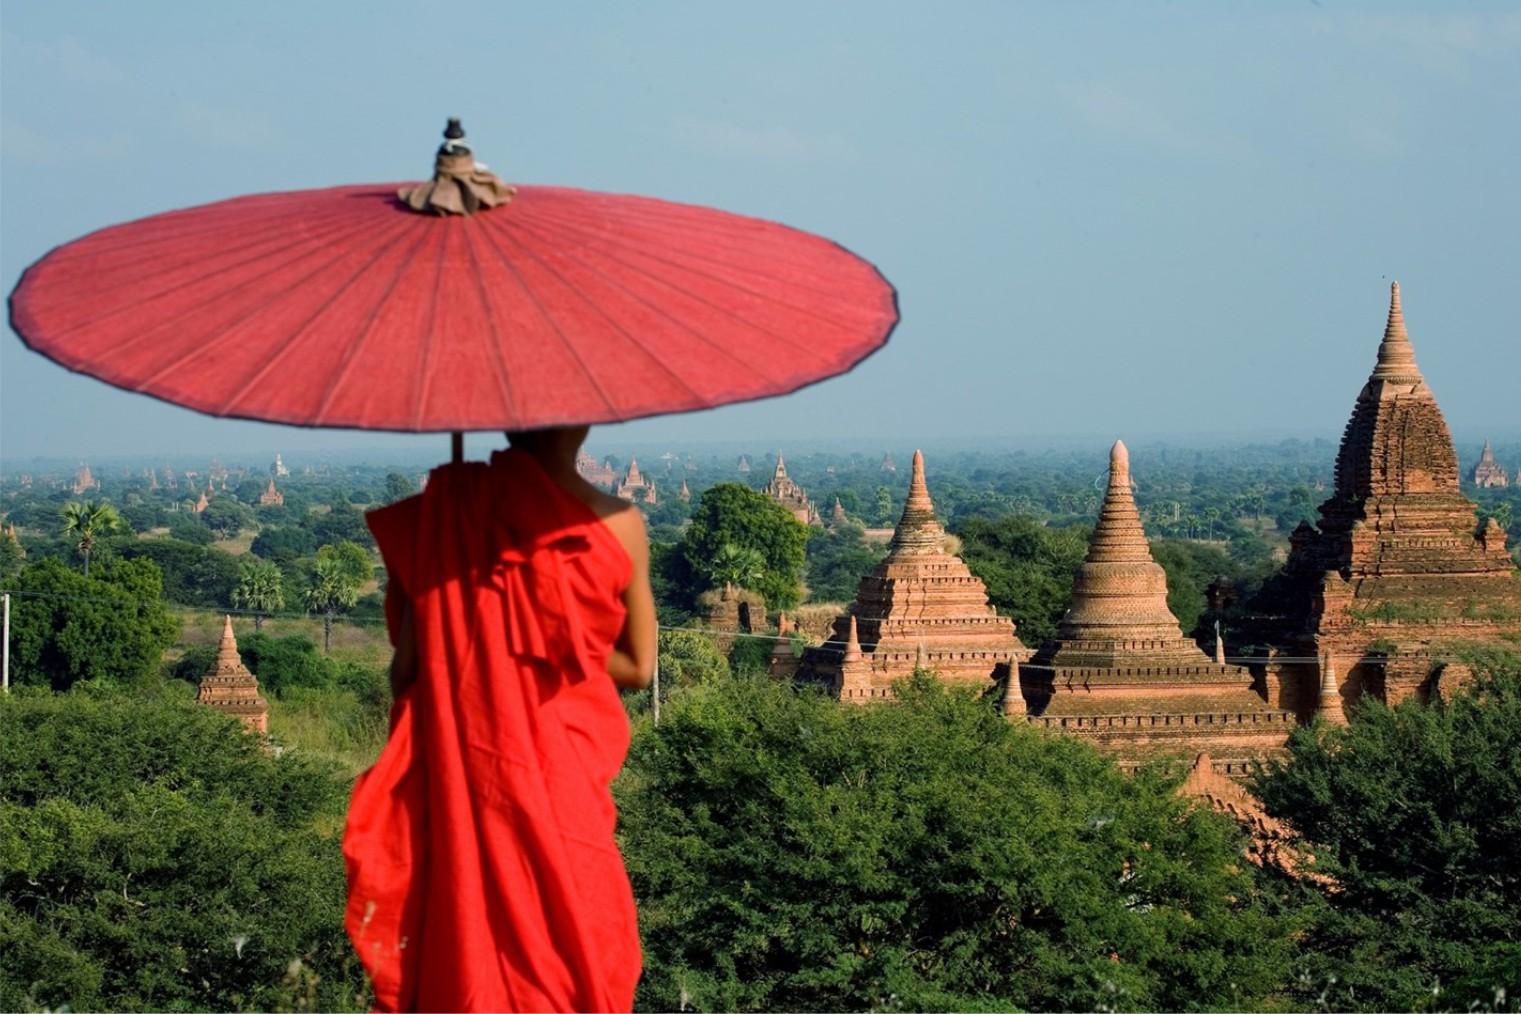 Myanmar / Burma